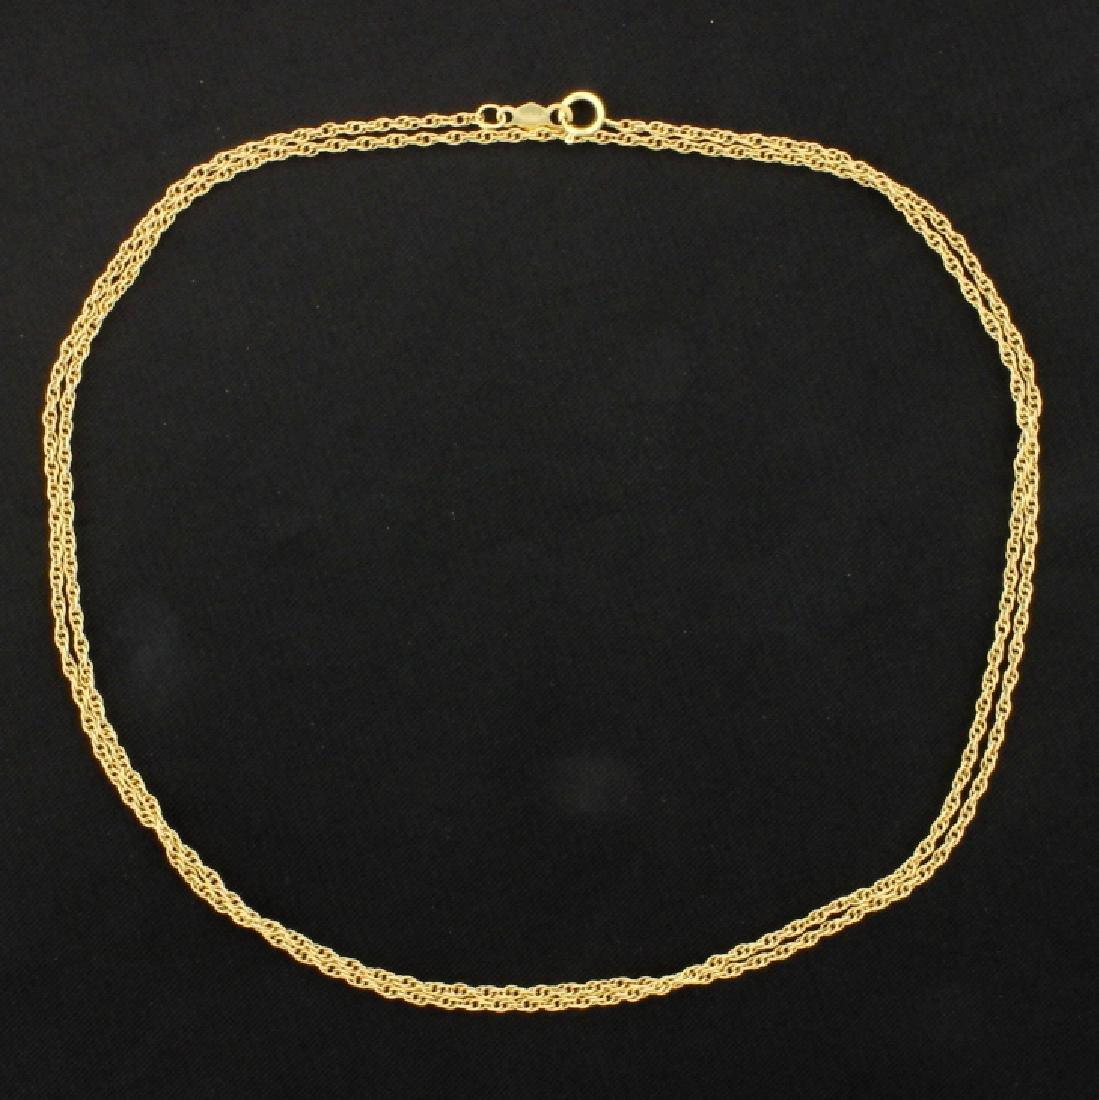 24 1/2 Inch Neck Chain